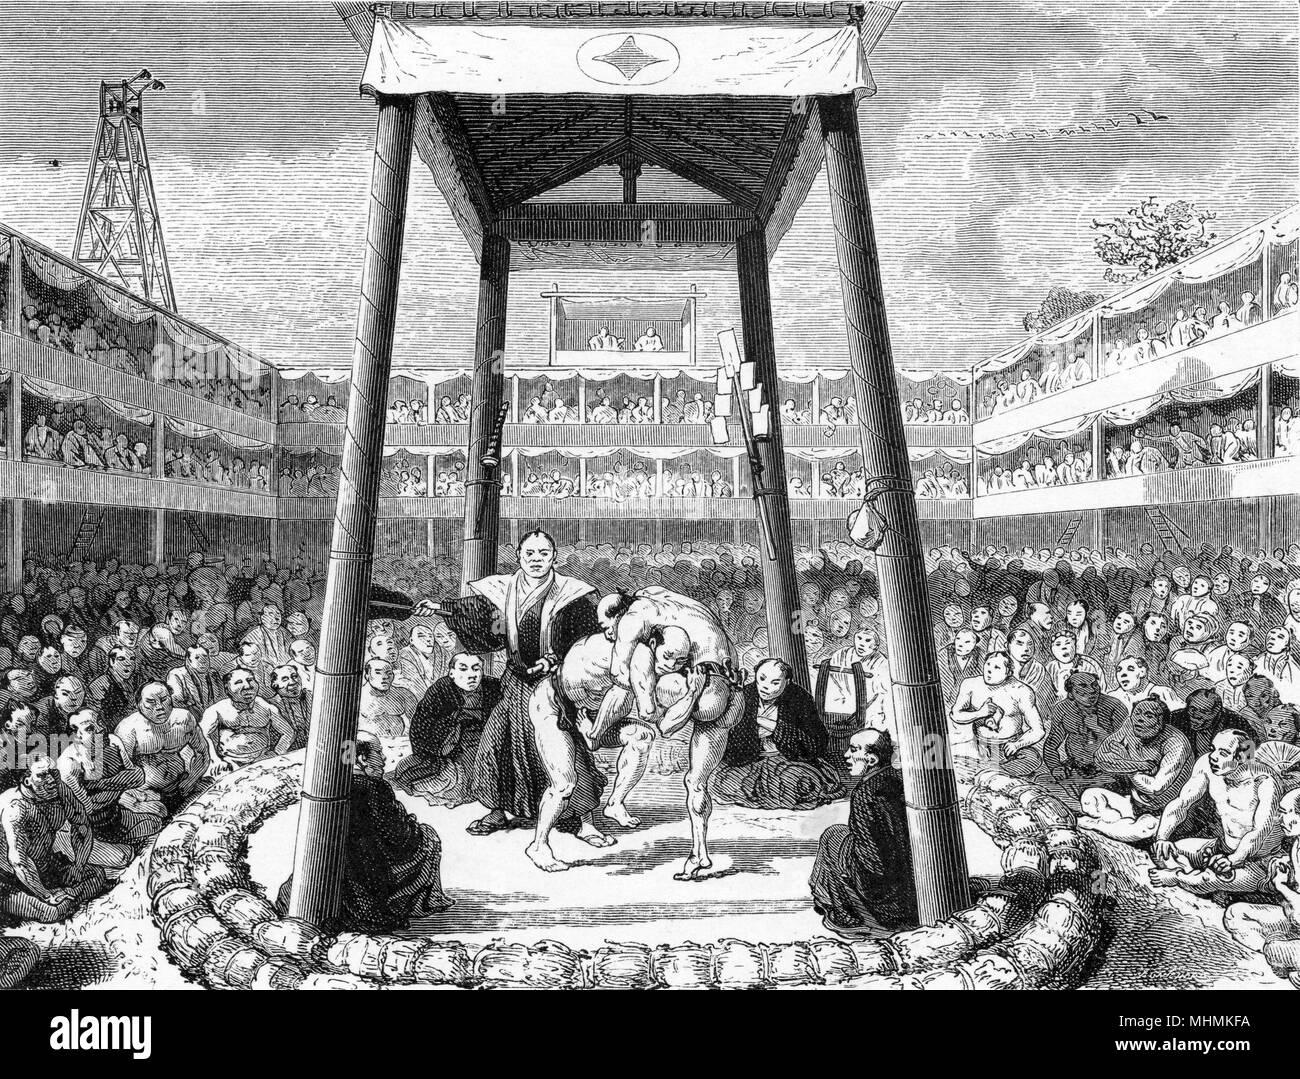 Un combat de Sumo est surveillé de près tant par l'arbitre et une foule importante. Date: 1865 Photo Stock